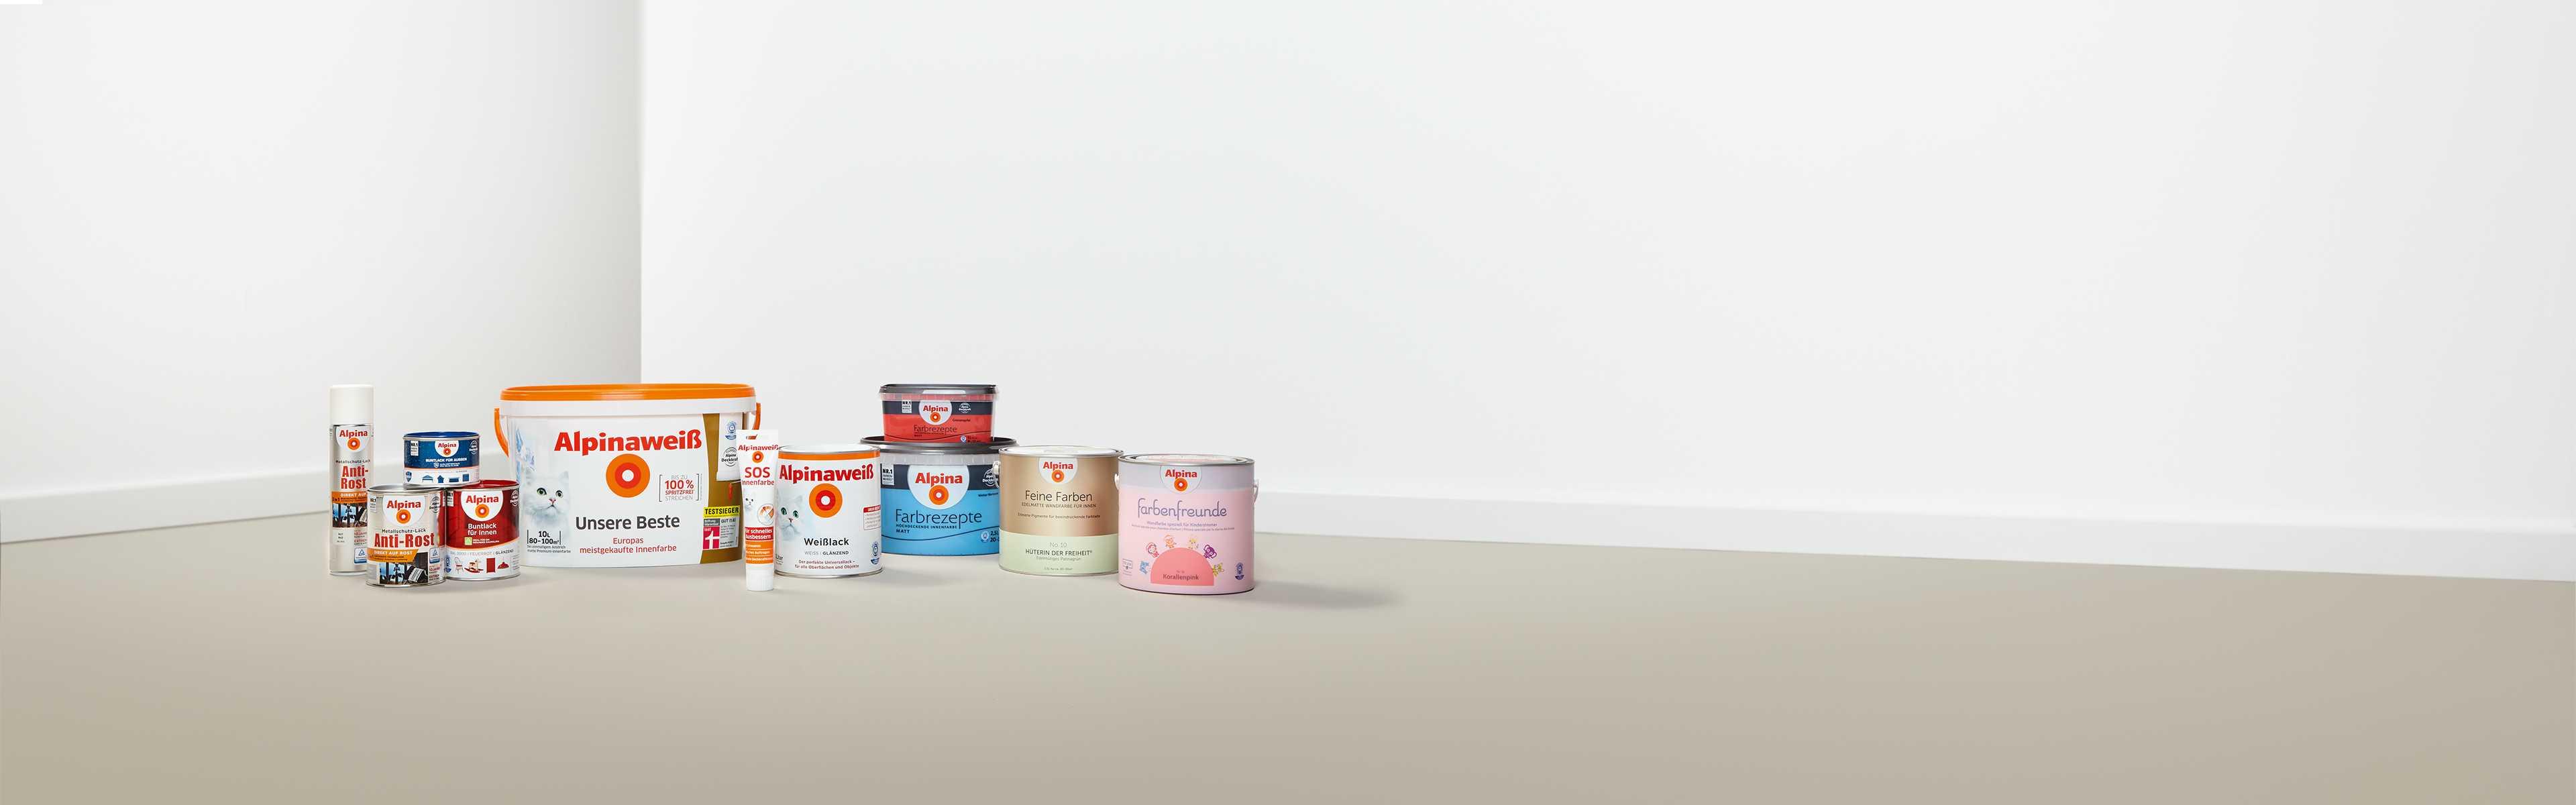 philosophie und qualit tsanspruch von alpina farben. Black Bedroom Furniture Sets. Home Design Ideas